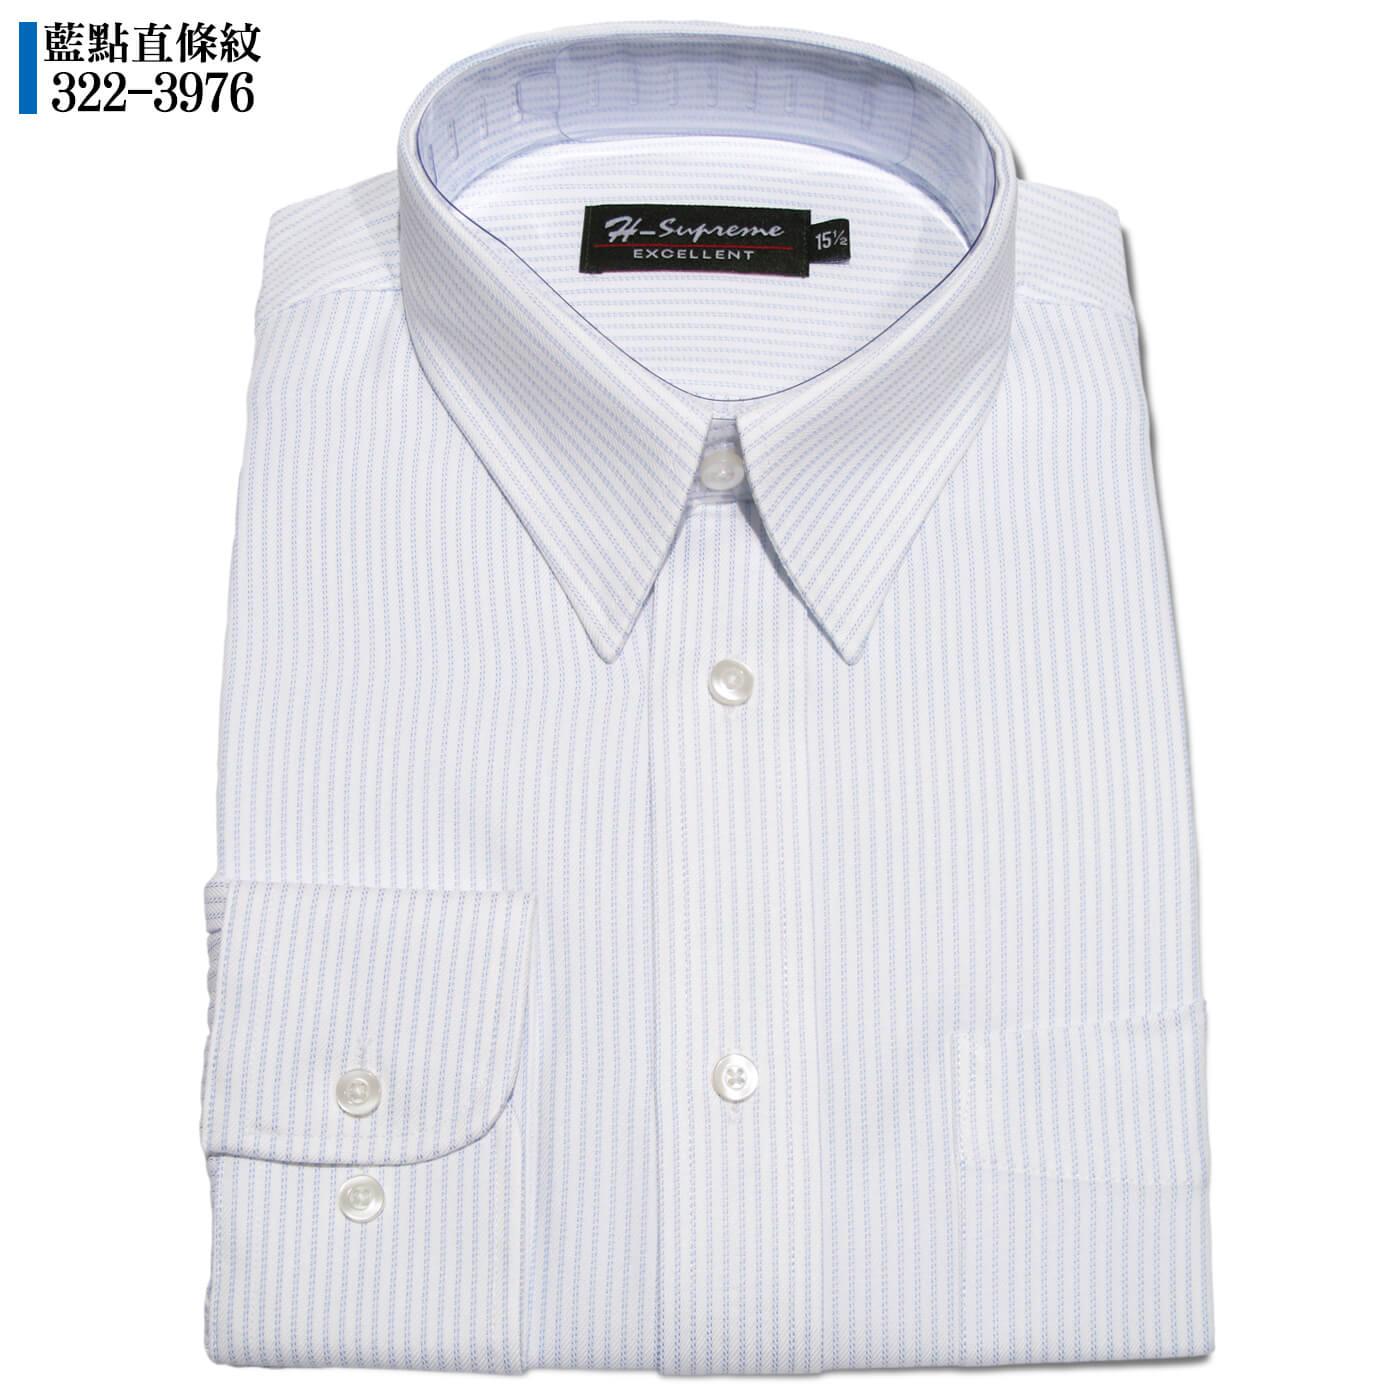 腰身剪裁防皺襯衫 吸濕排汗機能布料直條紋襯衫 柔軟舒適標準襯衫 正式襯衫 保暖襯衫 面試襯衫 上班族襯衫 商務襯衫 長袖襯衫 (322-3971)白色條紋、(322-3972)藍白條紋、(322-3976)藍點條紋、(322-3978)紫白條紋 領圍:15~18英吋 [實體店面保障] sun-e322 6